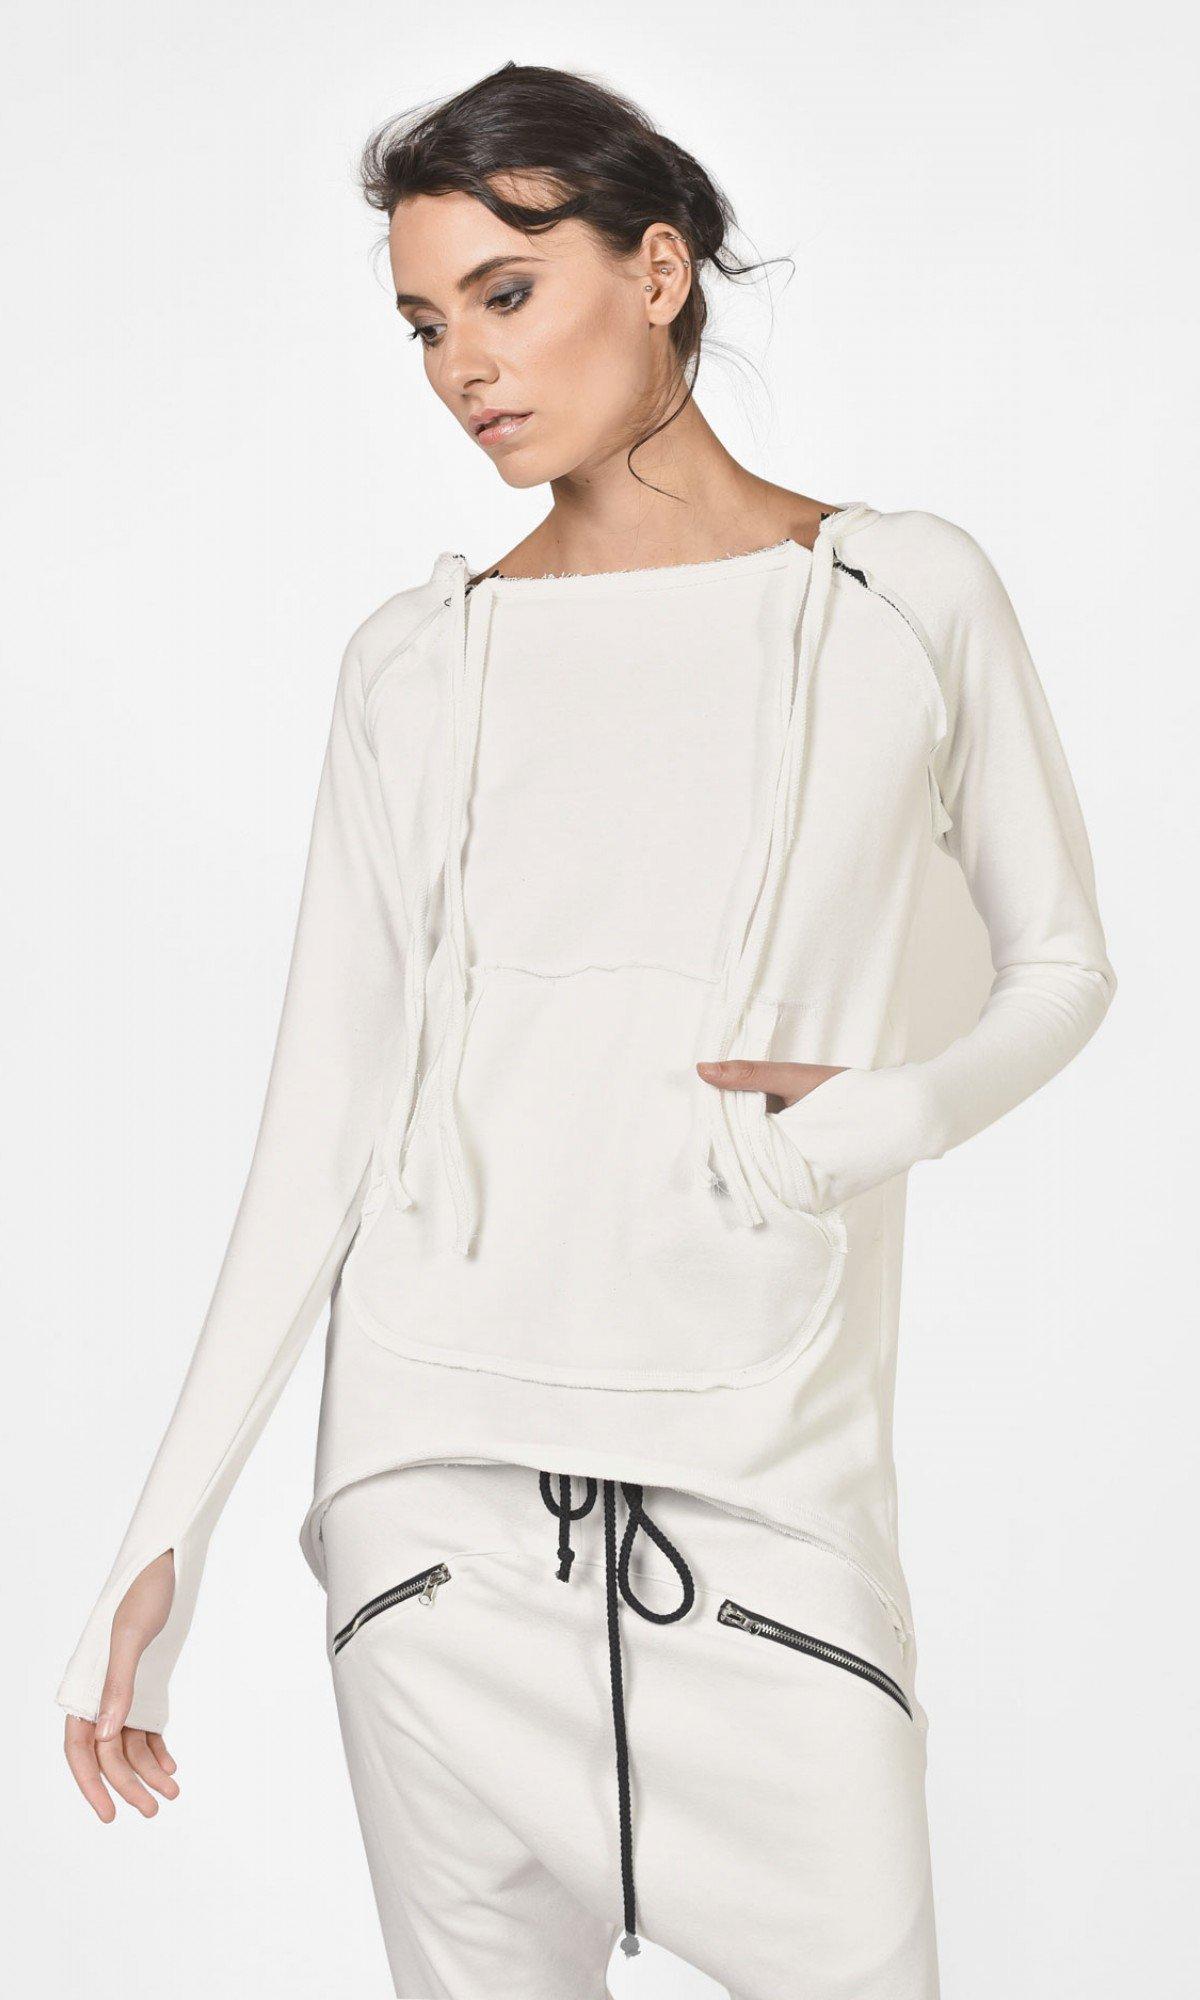 Arm Zipper Sweatshirt